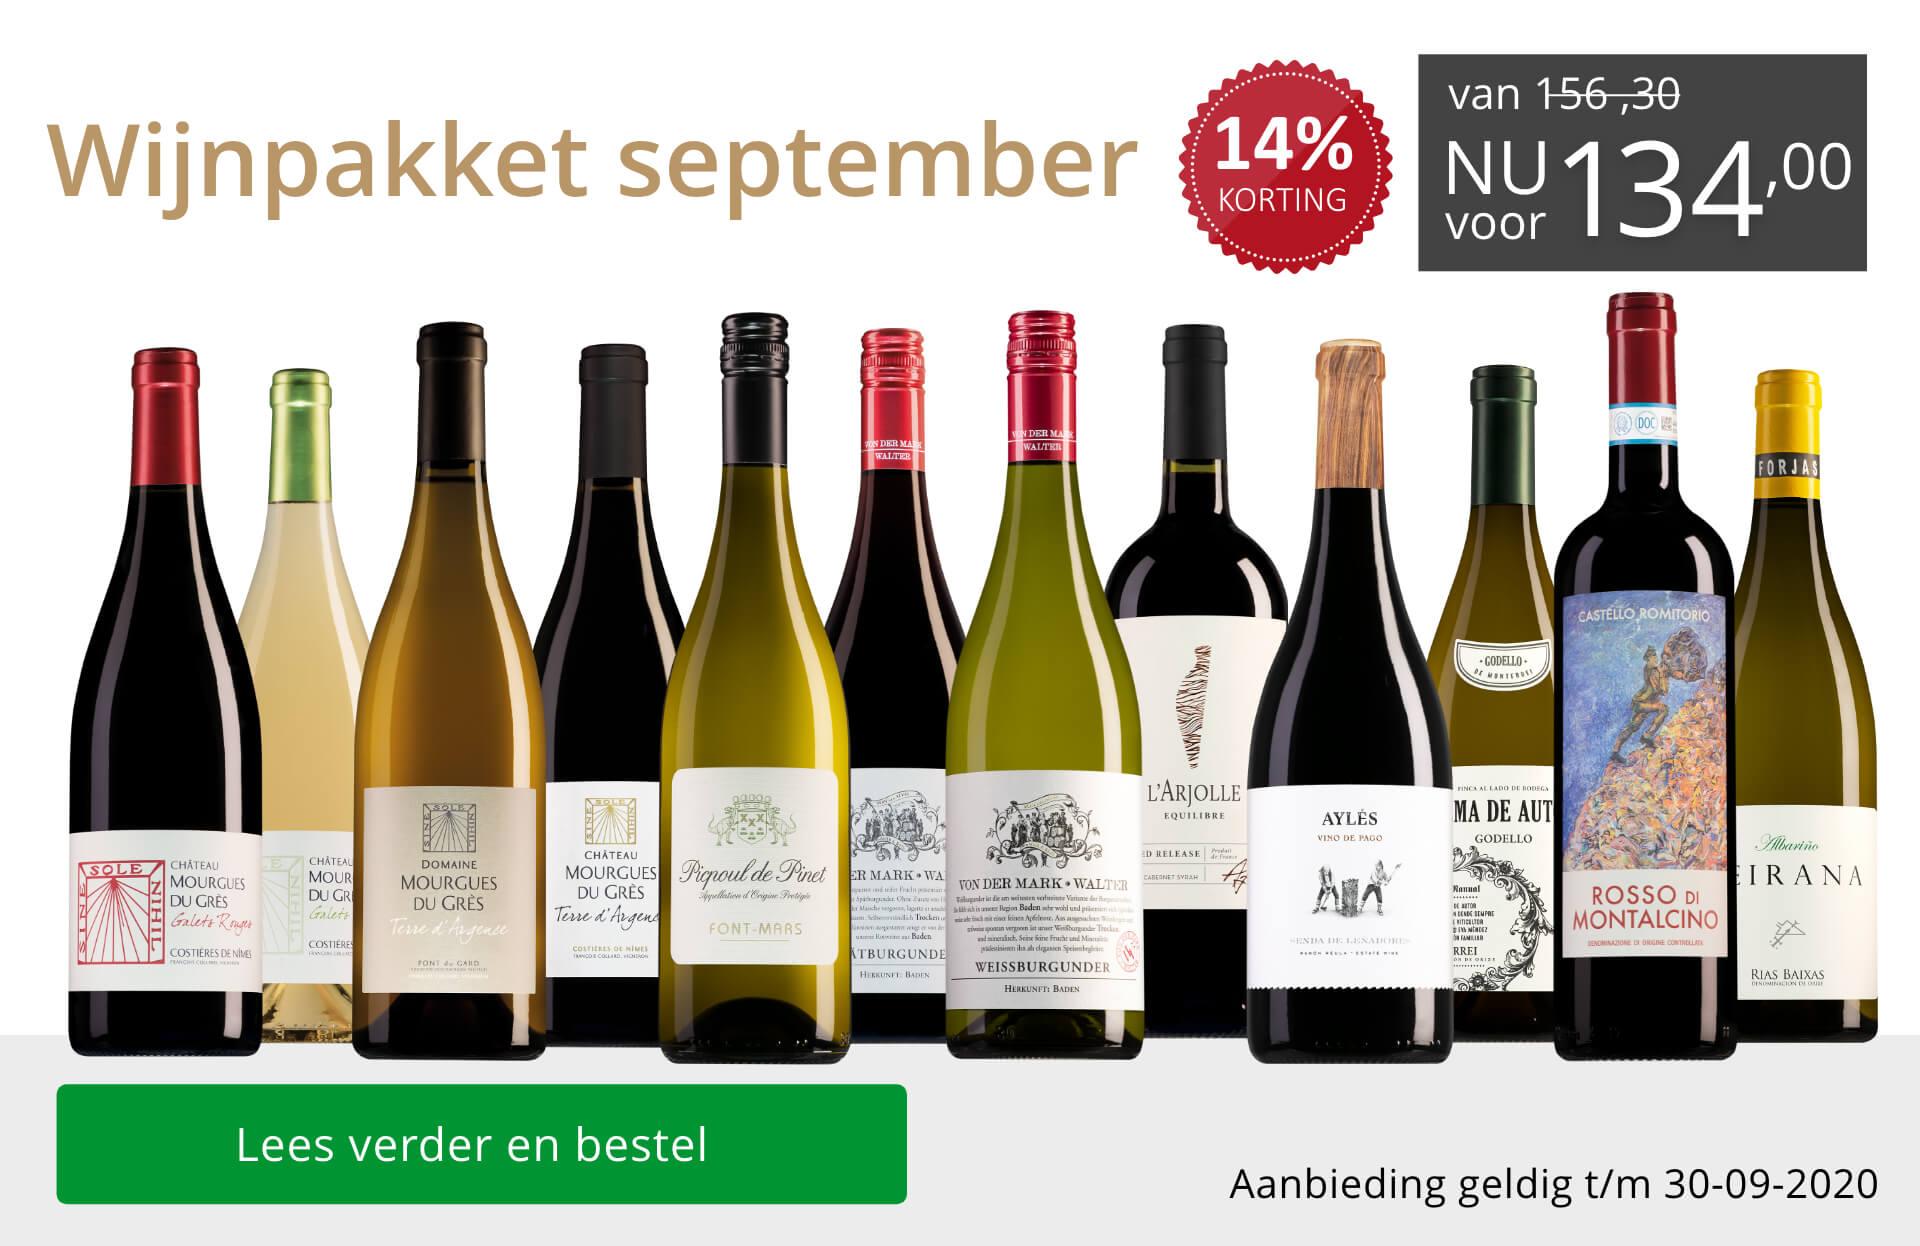 Wijnpakket wijnbericht september 2020 (134,00) - grijs/goud